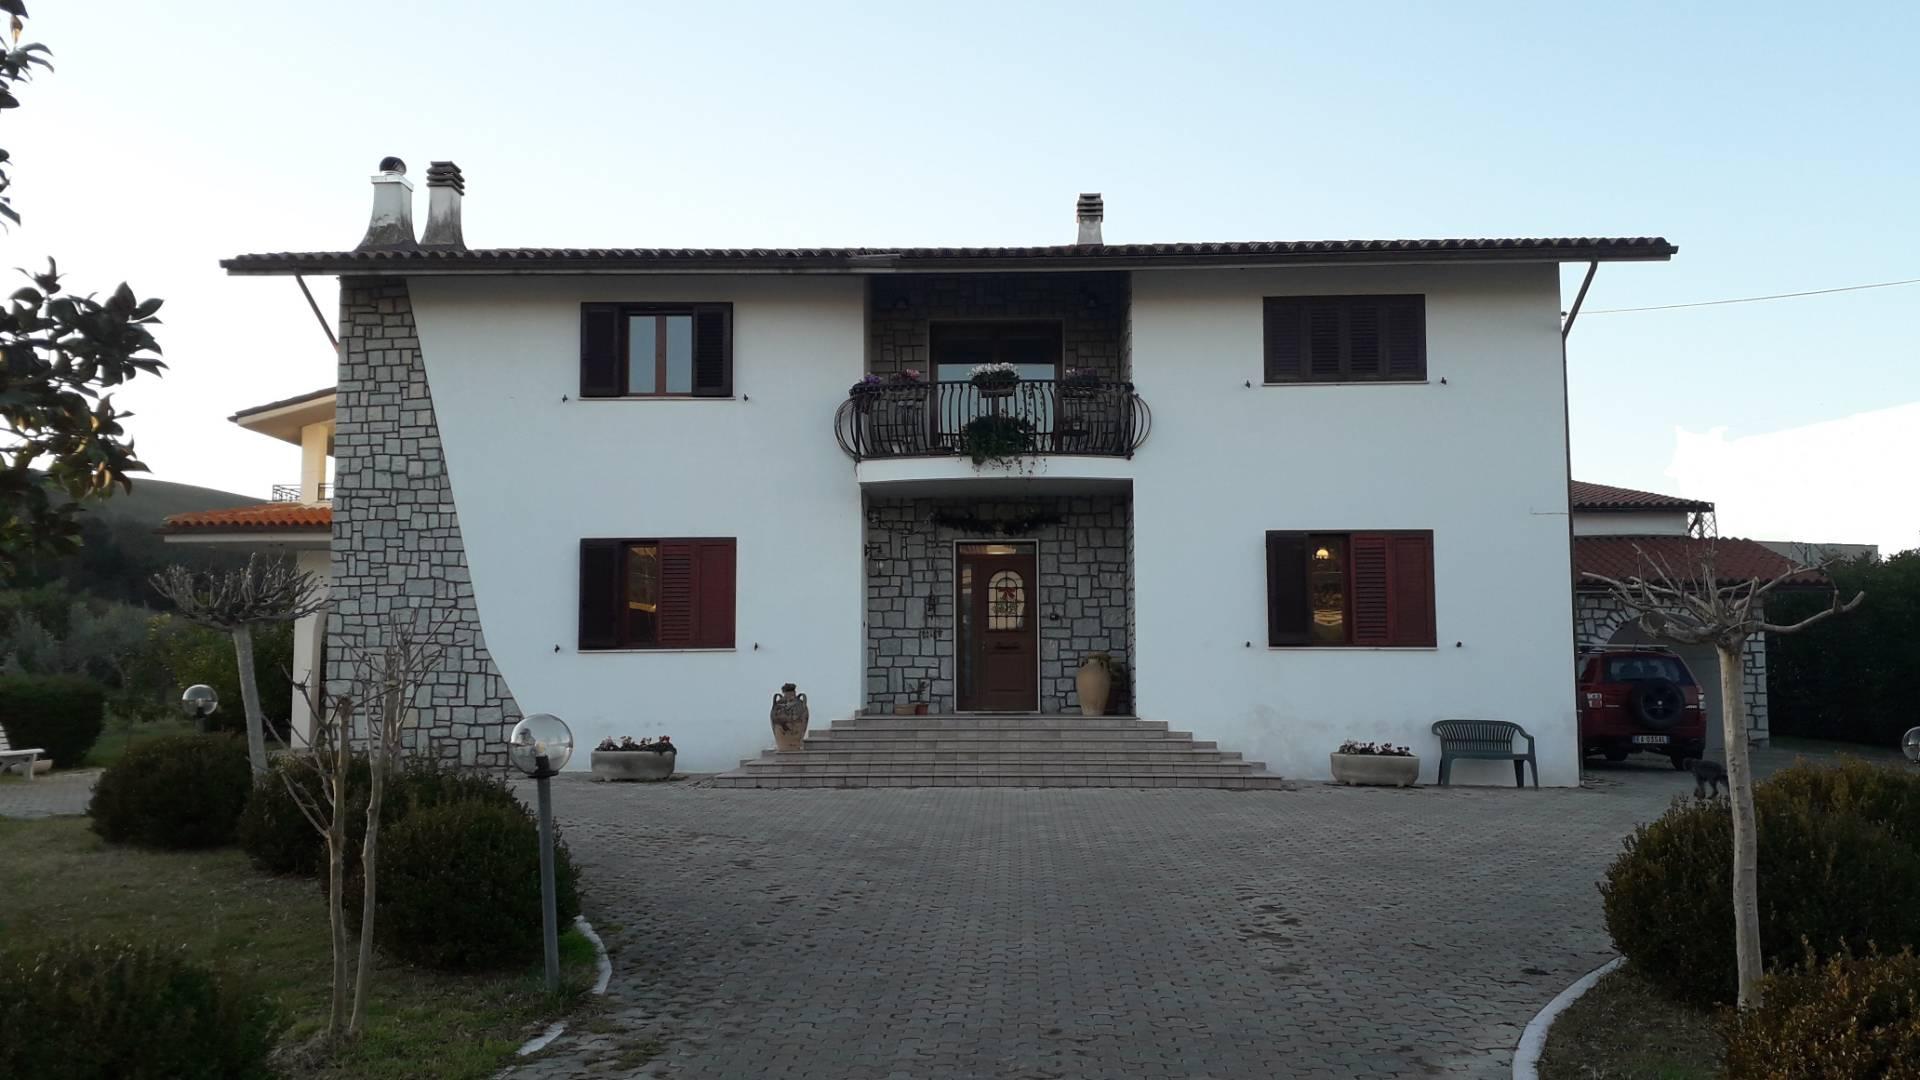 Villa in vendita a Alanno, 19 locali, zona Località: AlannoScalo, prezzo € 400.000 | CambioCasa.it